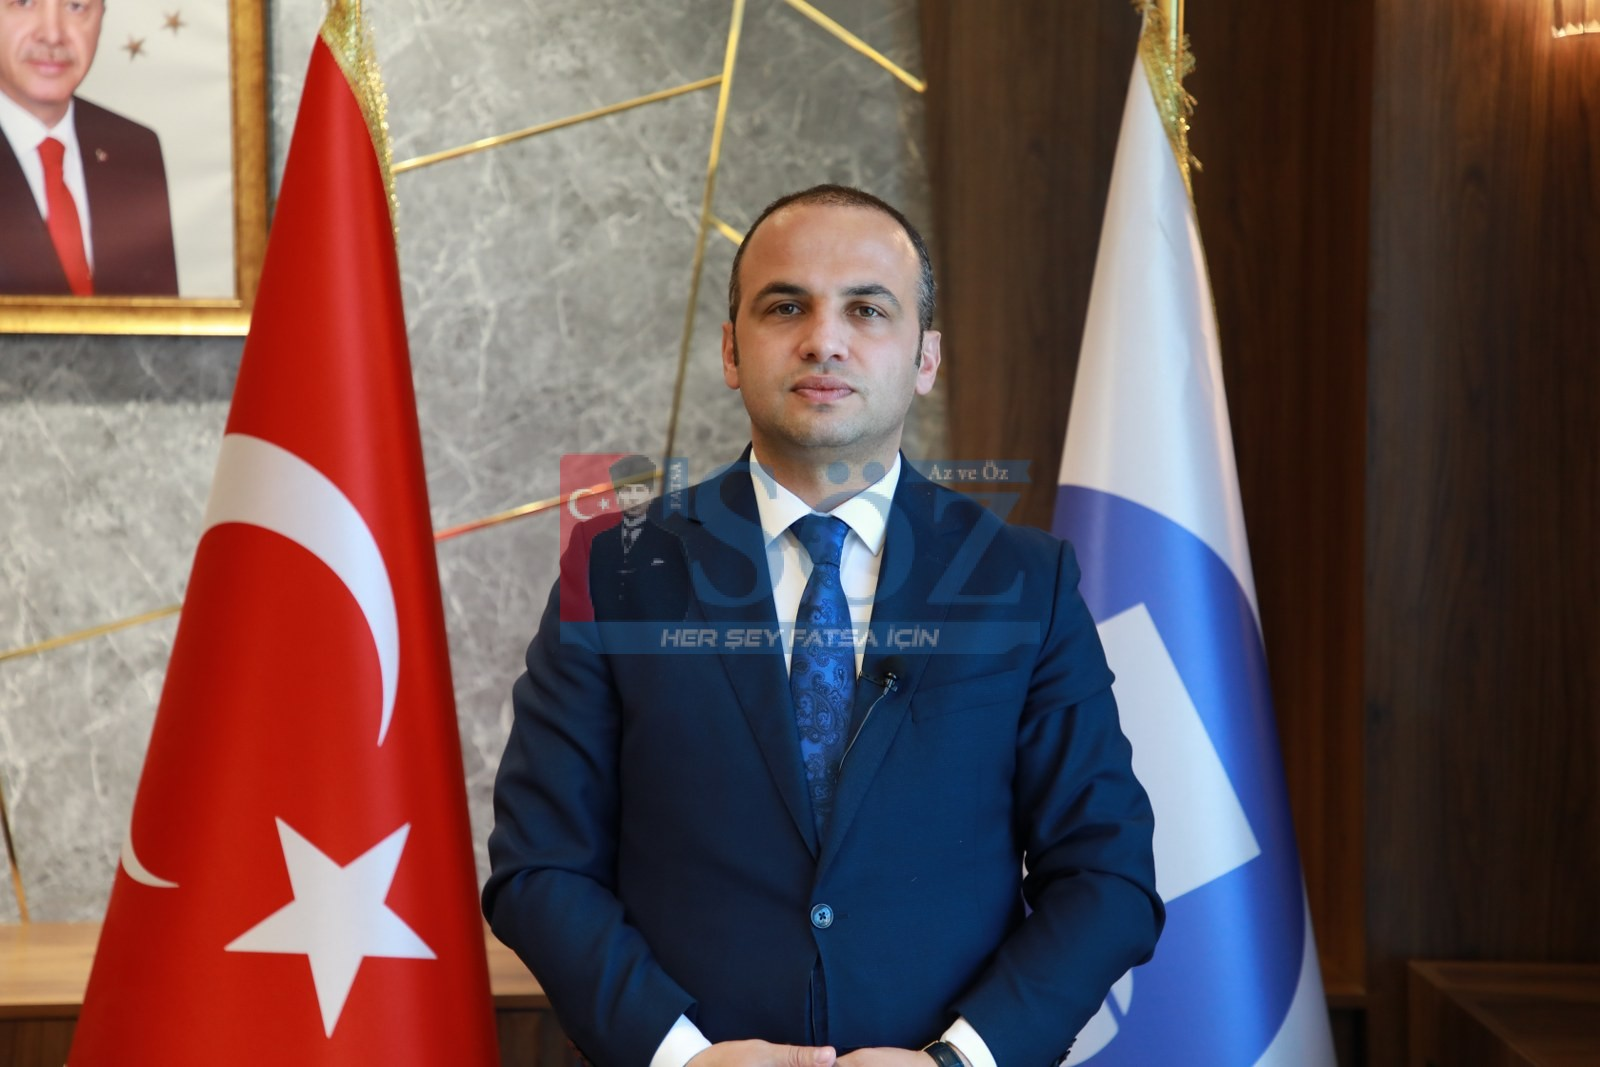 """""""15 TEMMUZ'DA TÜM DÜNYAYA MİLLET OLMA DERSİ VERDİK"""""""